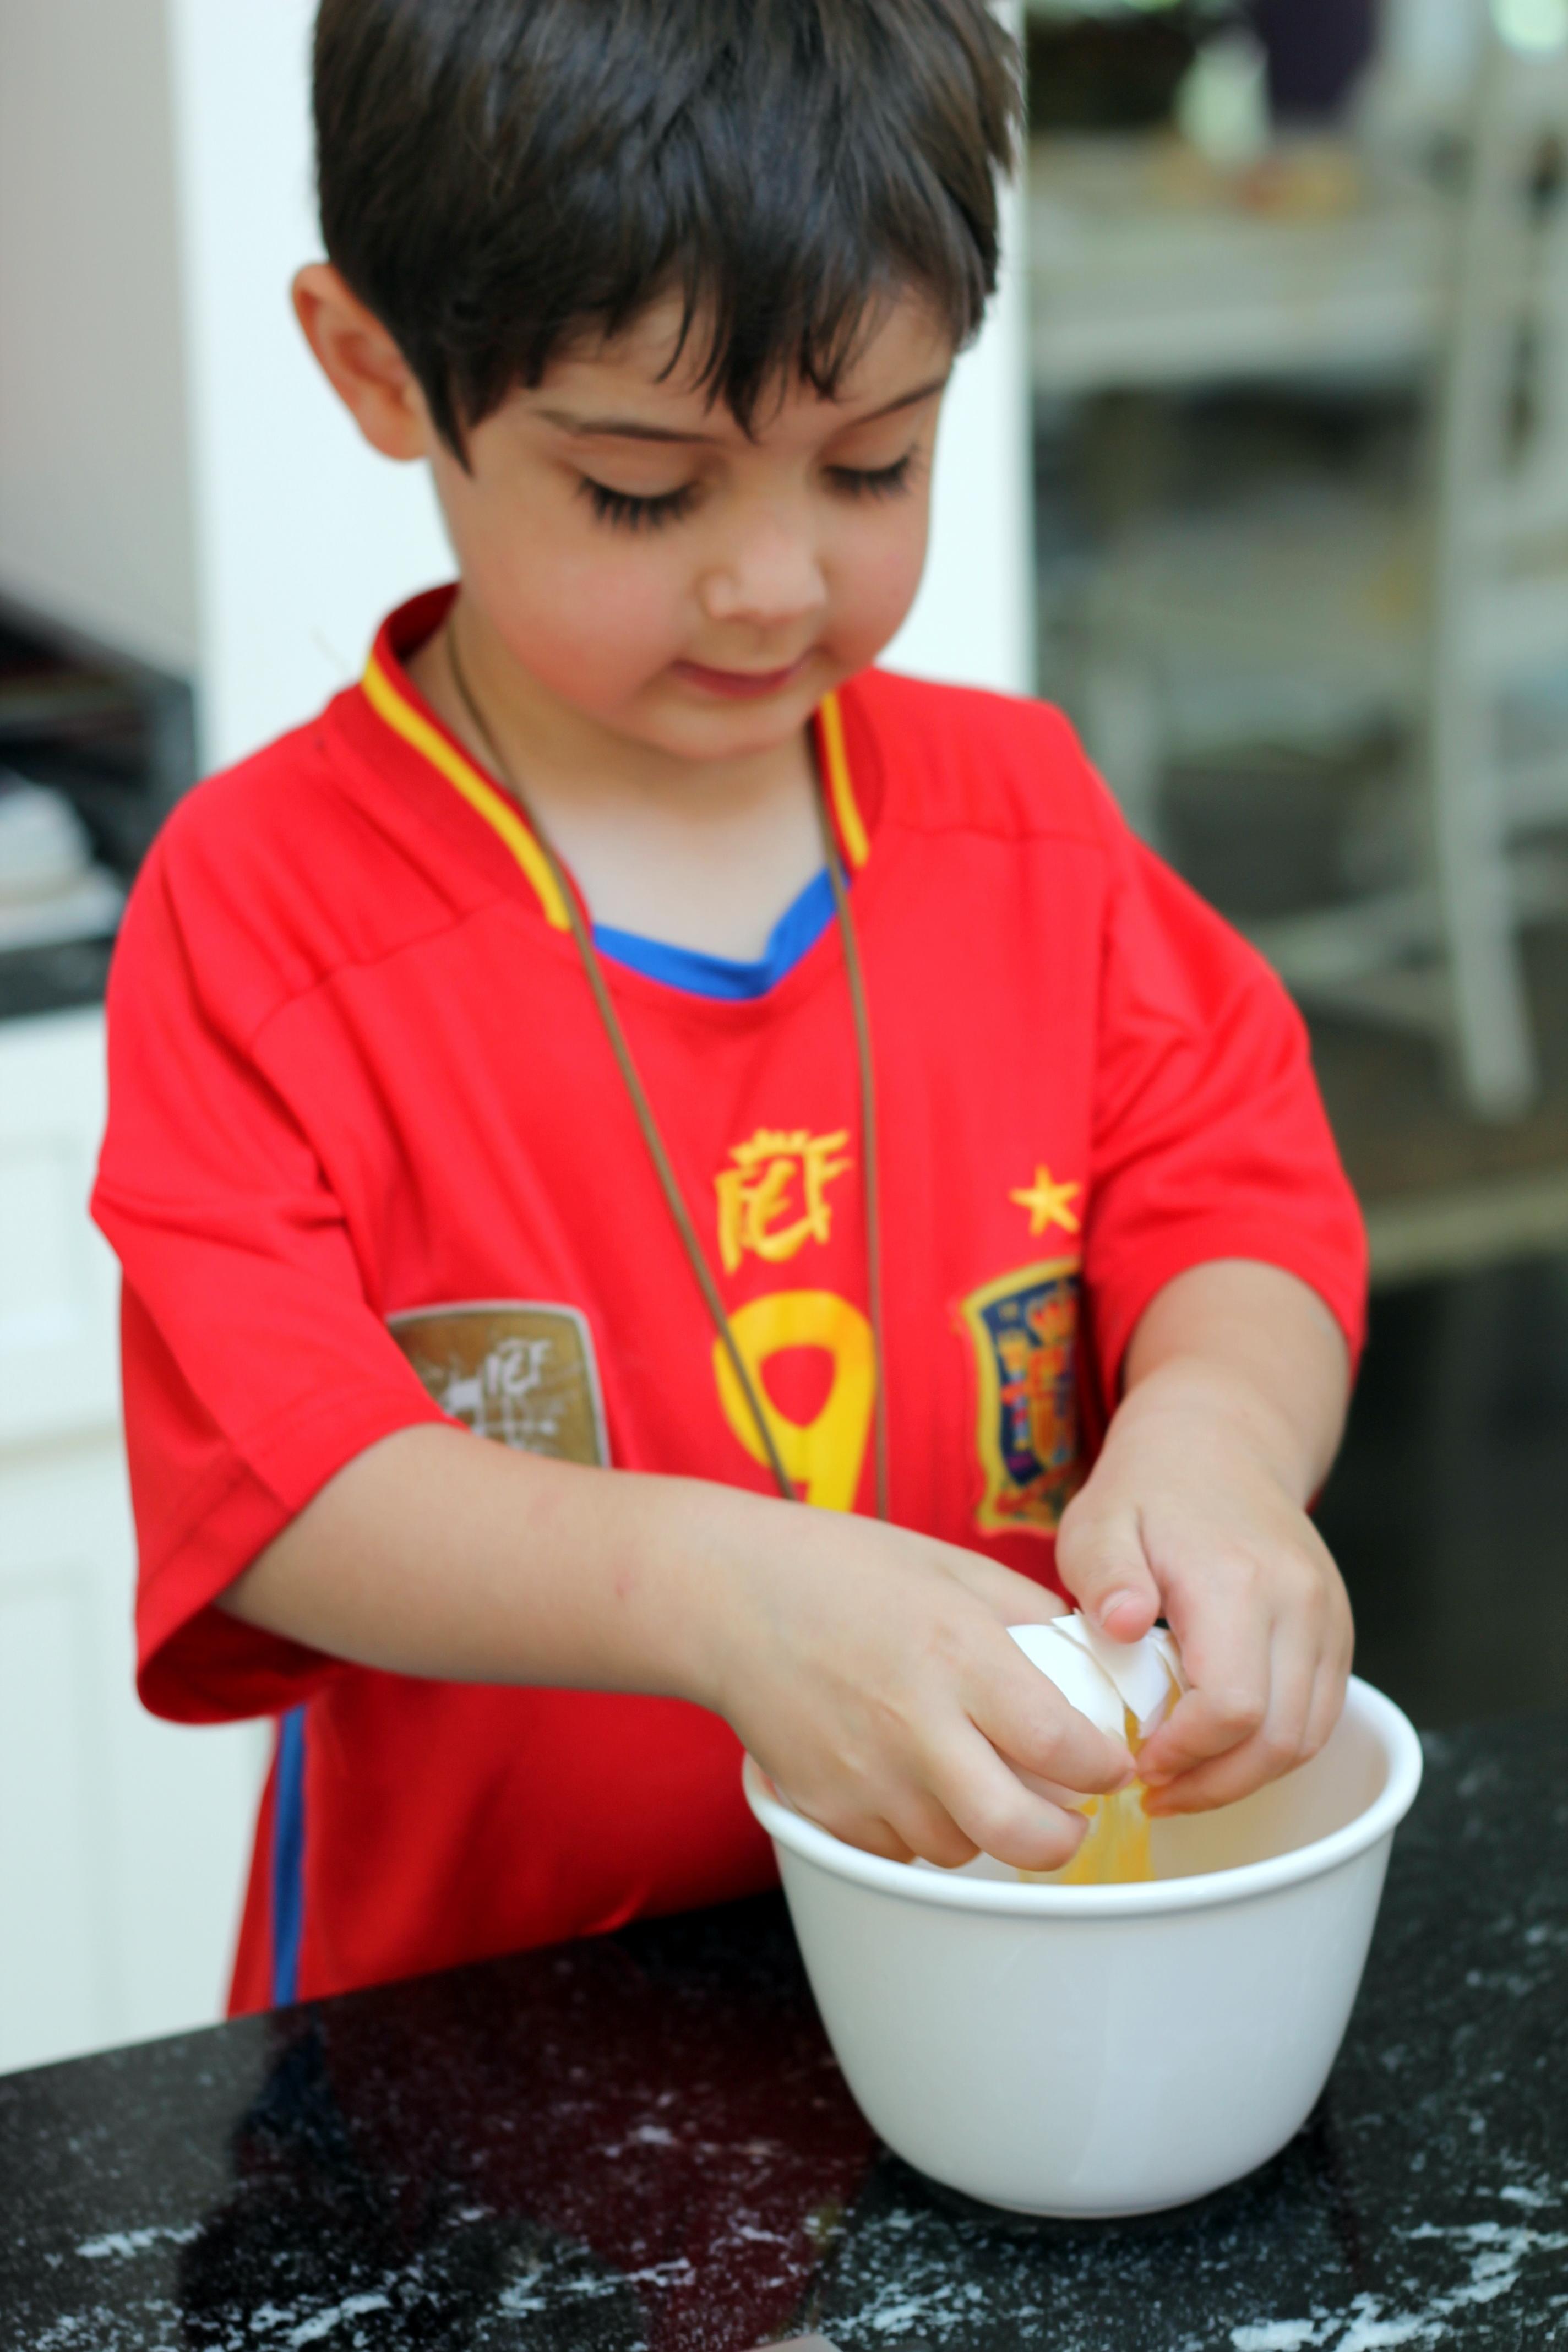 Young boy cracking an egg into a bowl